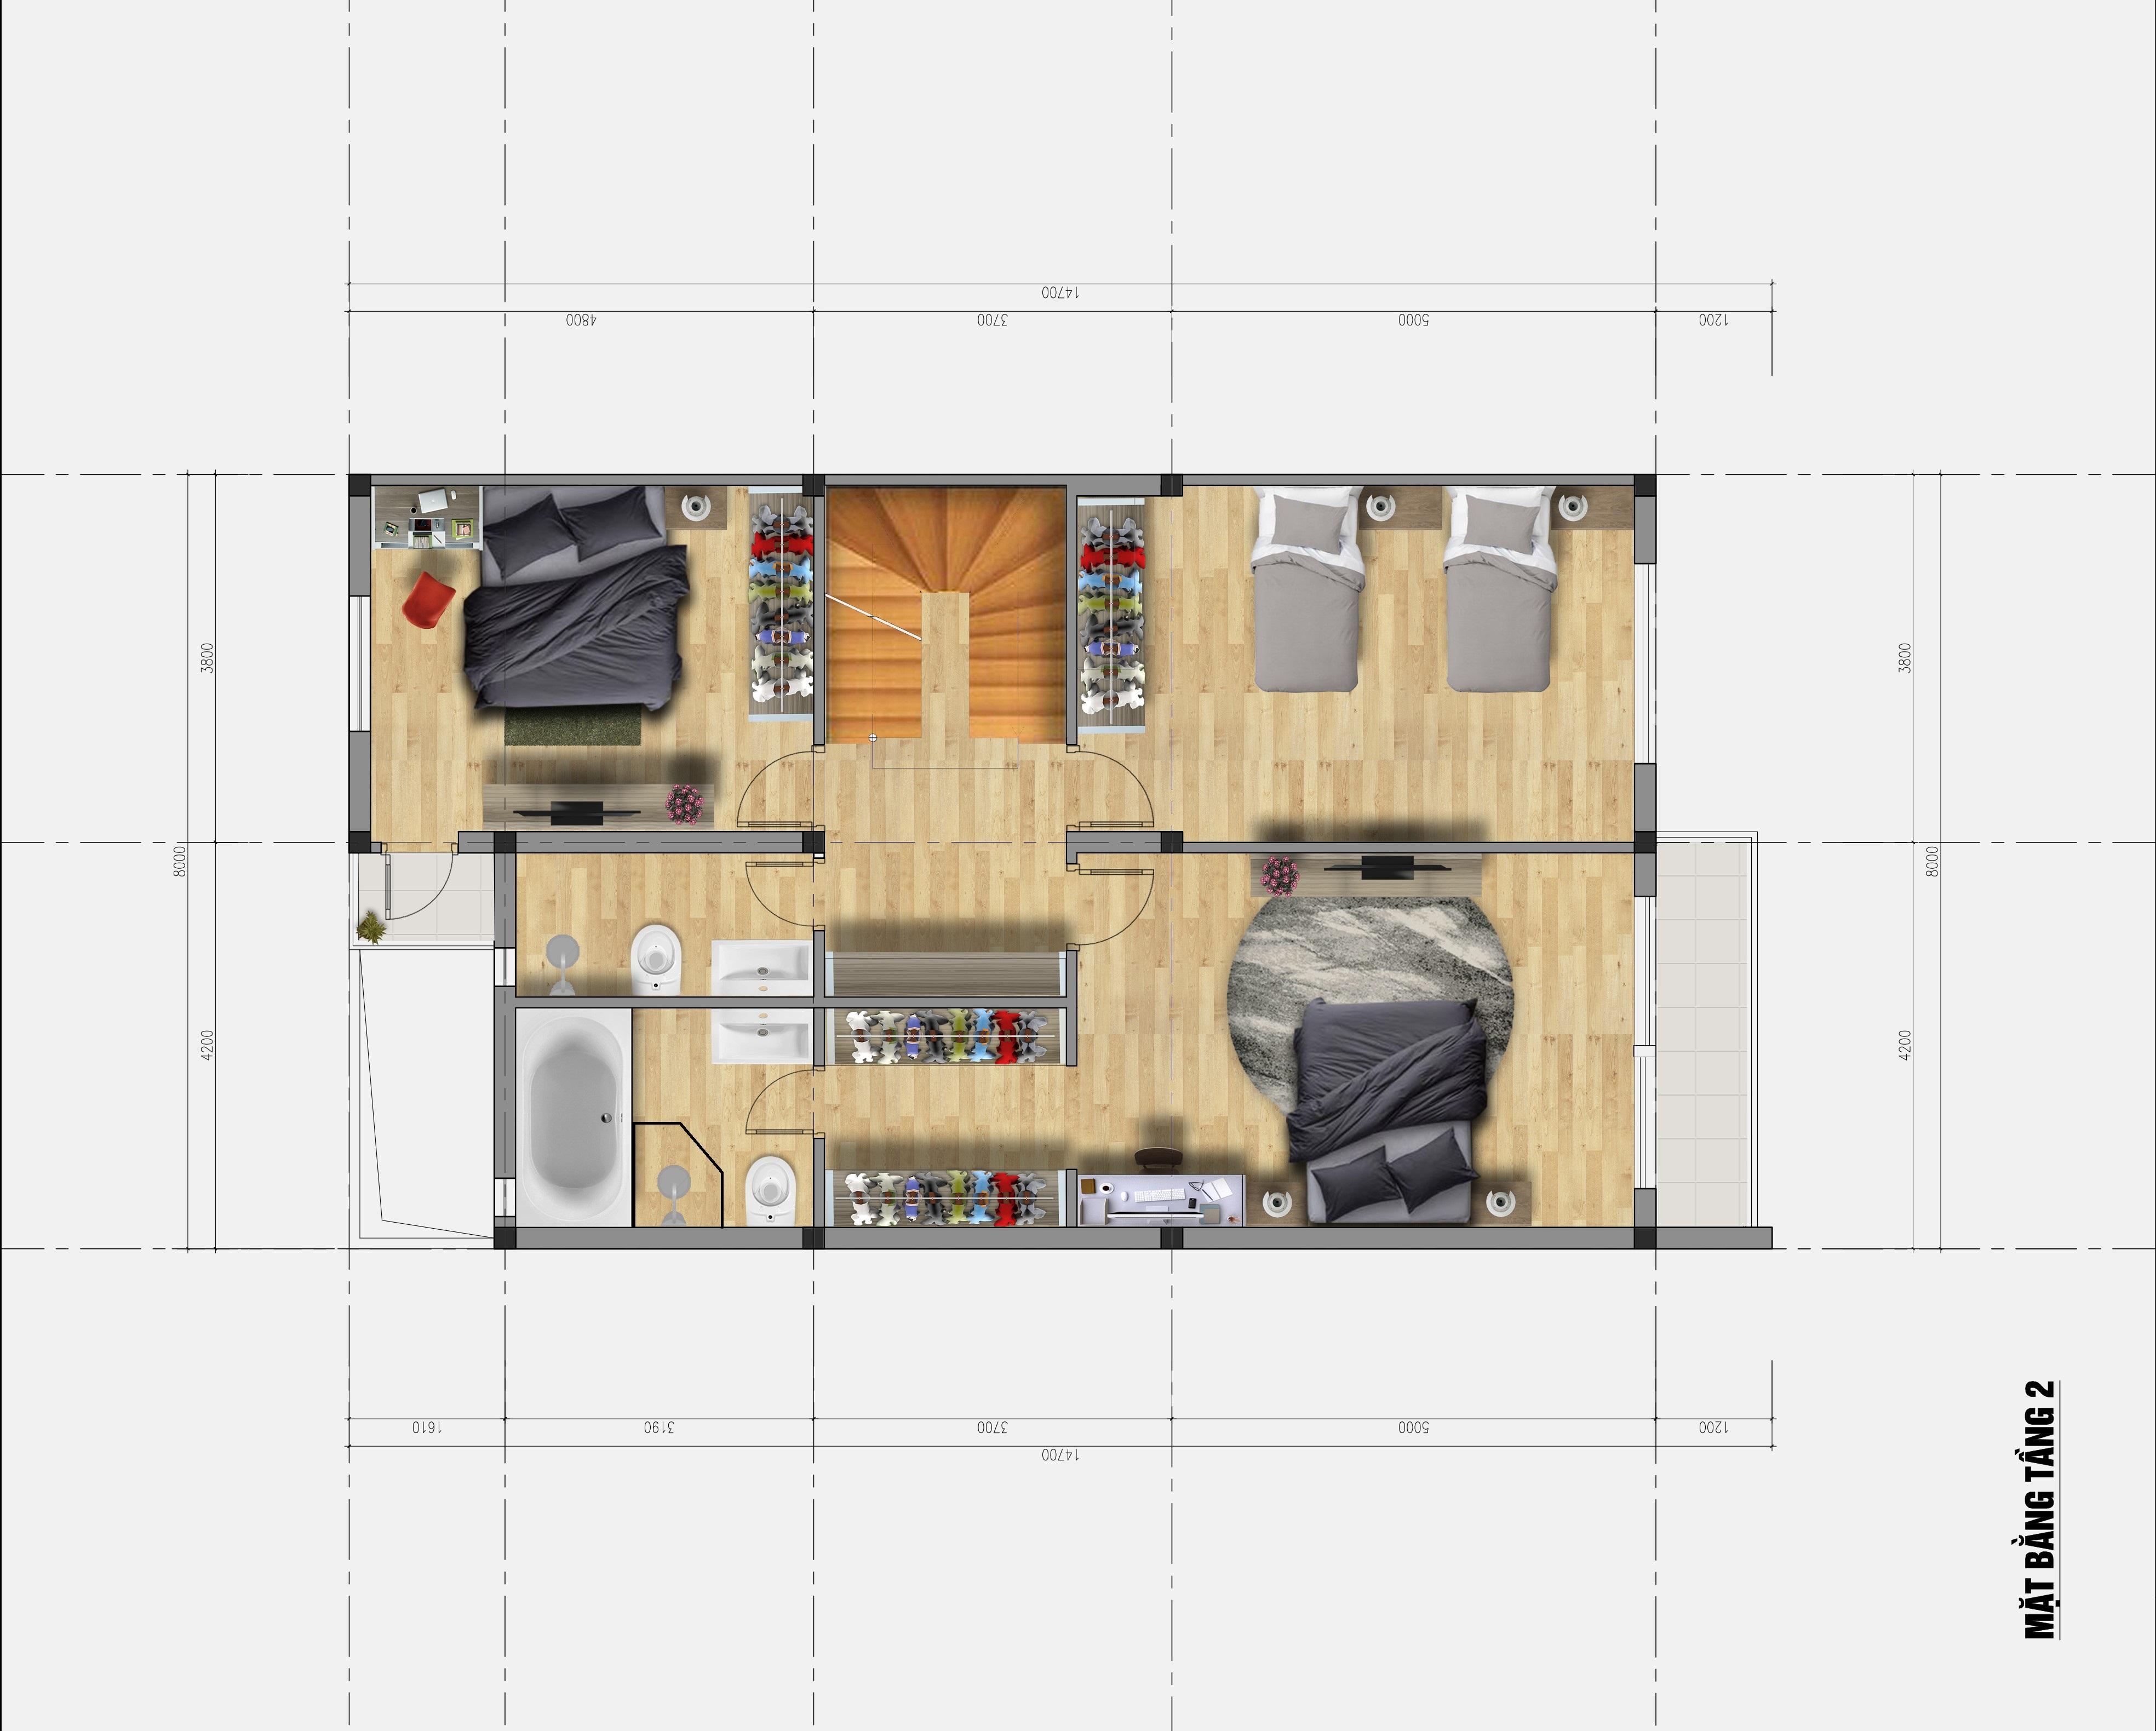 thiết kế kiến trúc nhà phố hải dương – anh hoài Thiết kế kiến trúc nhà phố Hải Dương – anh Hoài Tang 2